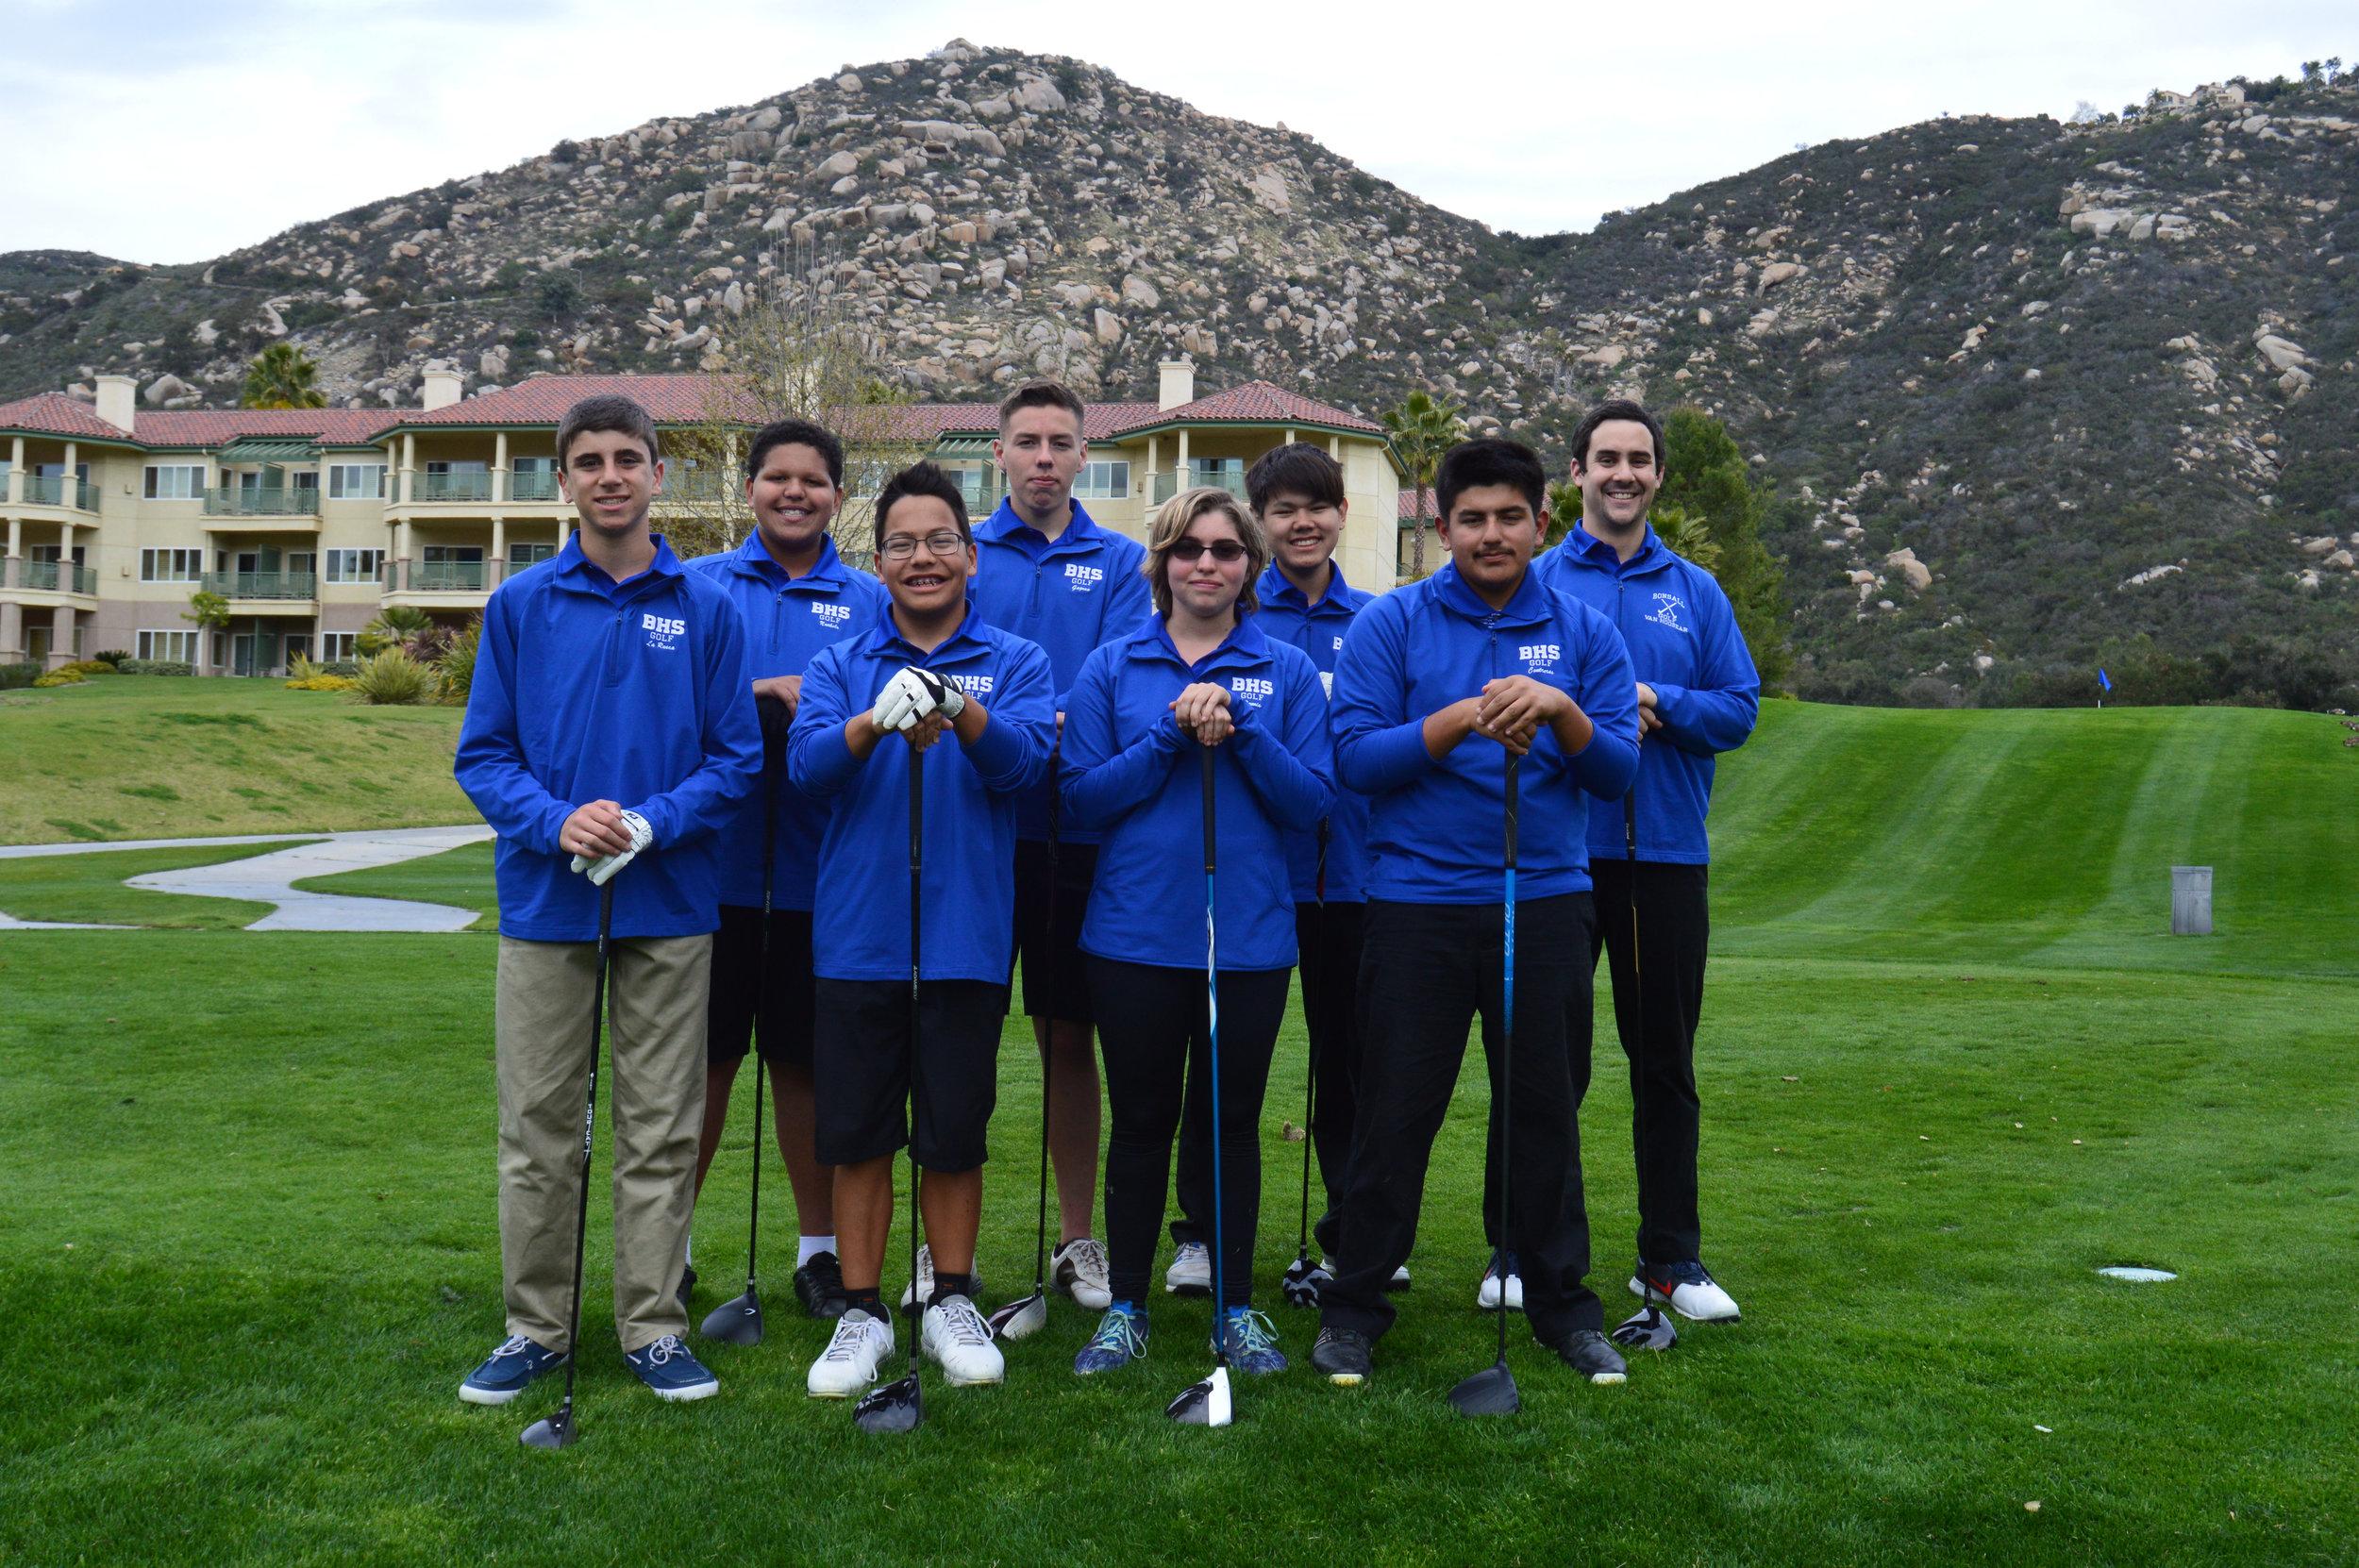 golf team 2017-18.jpg